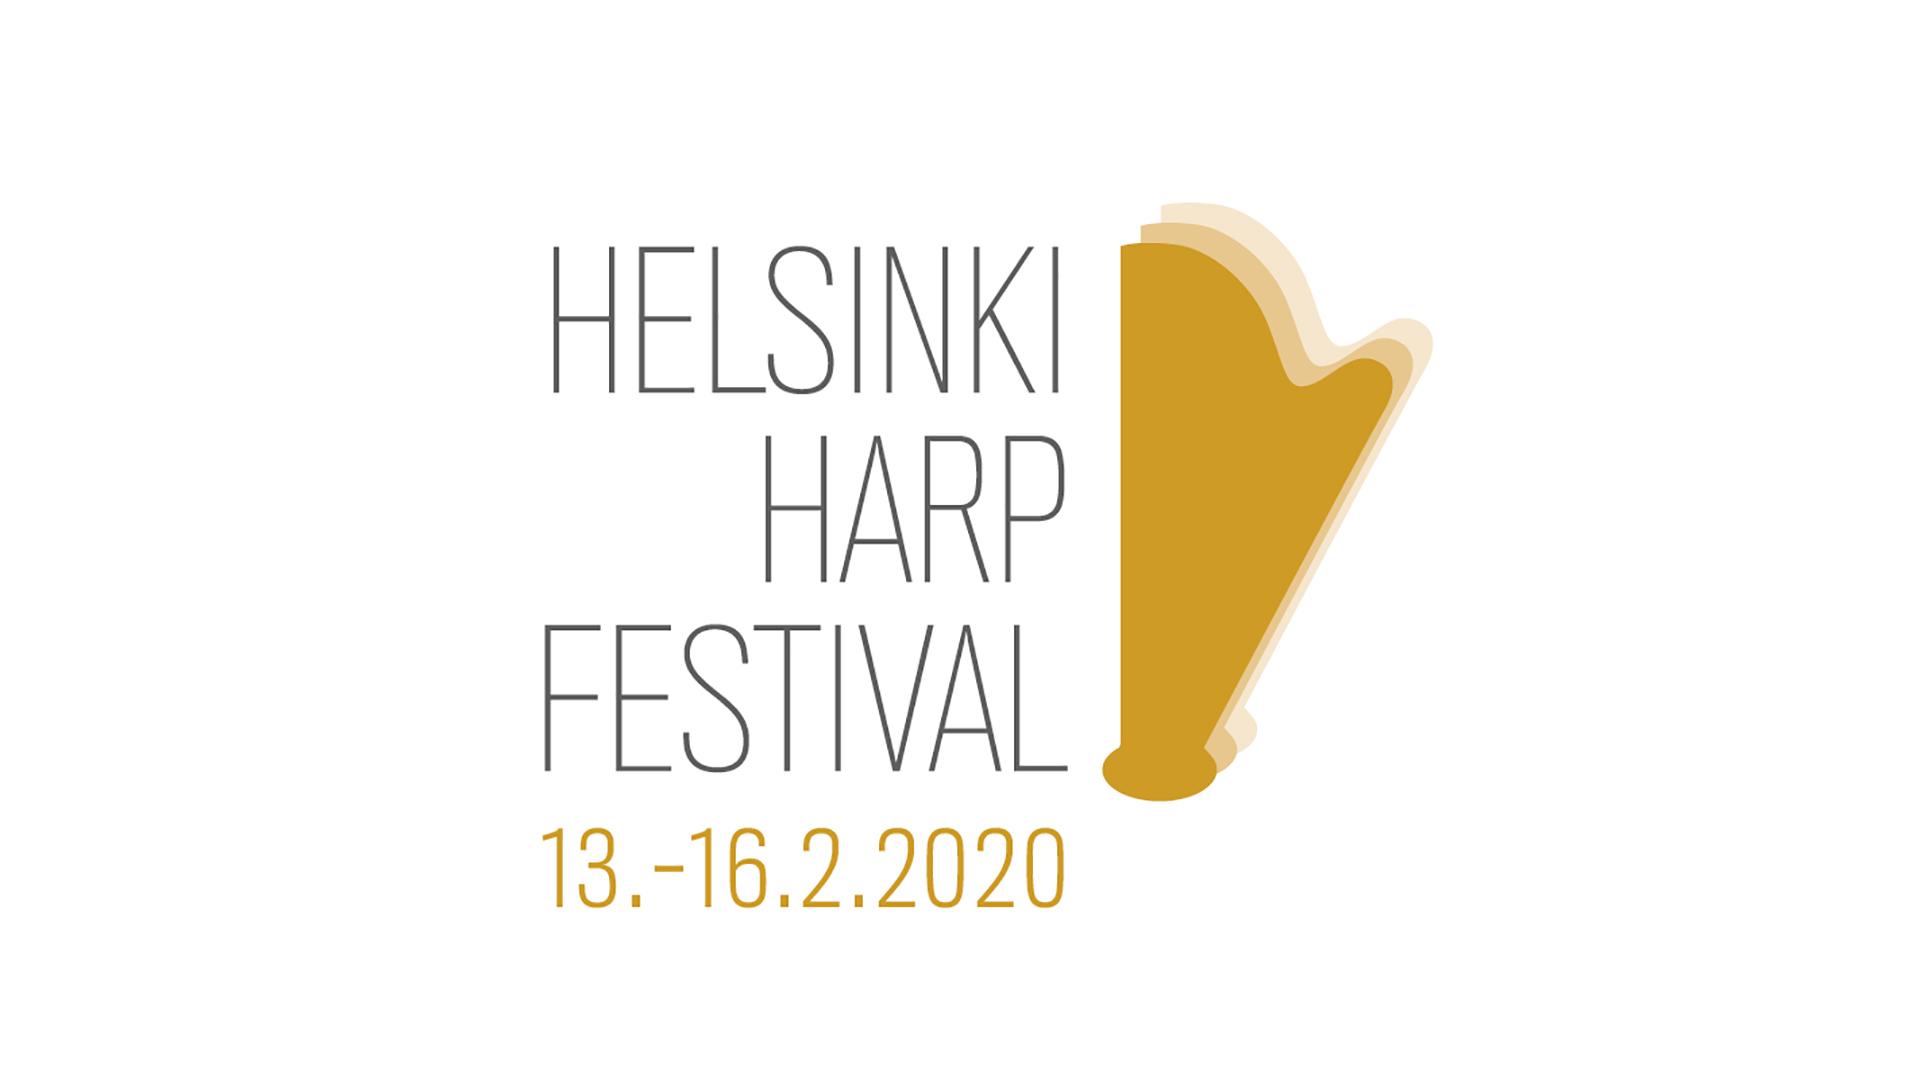 Helsinki Harp Festival -logo